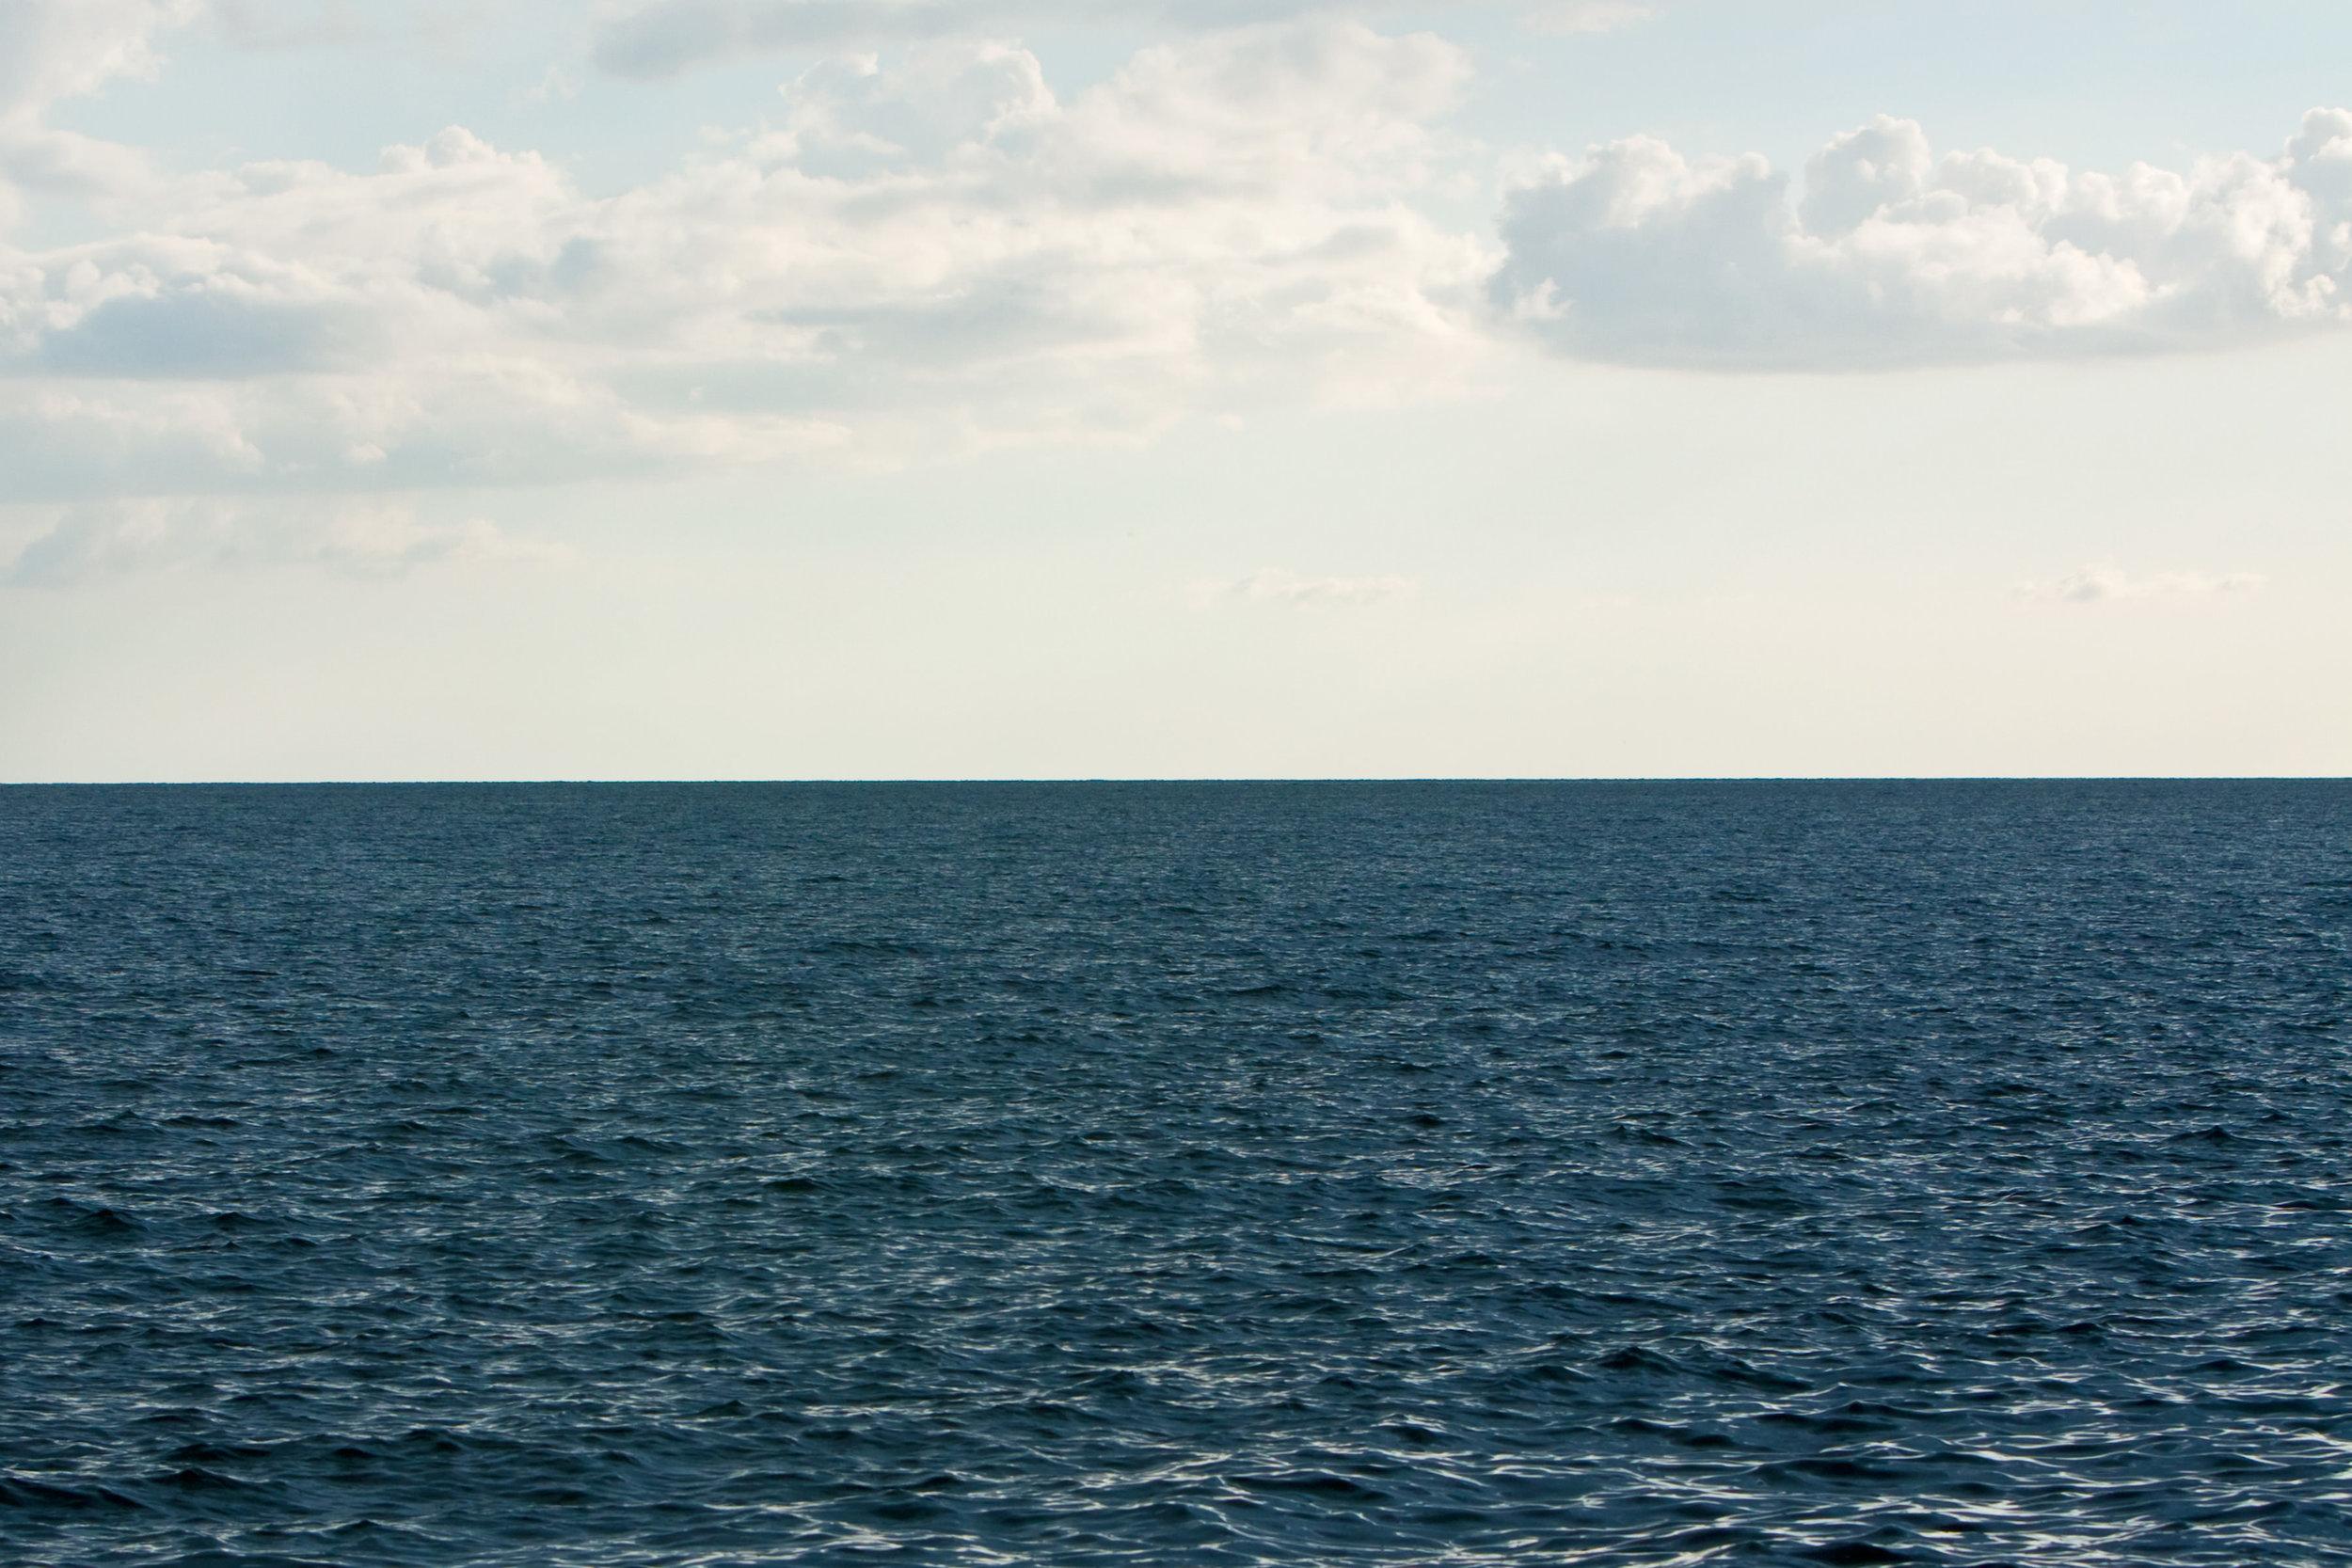 blue_green_sea-8842v3-smugmug.jpg